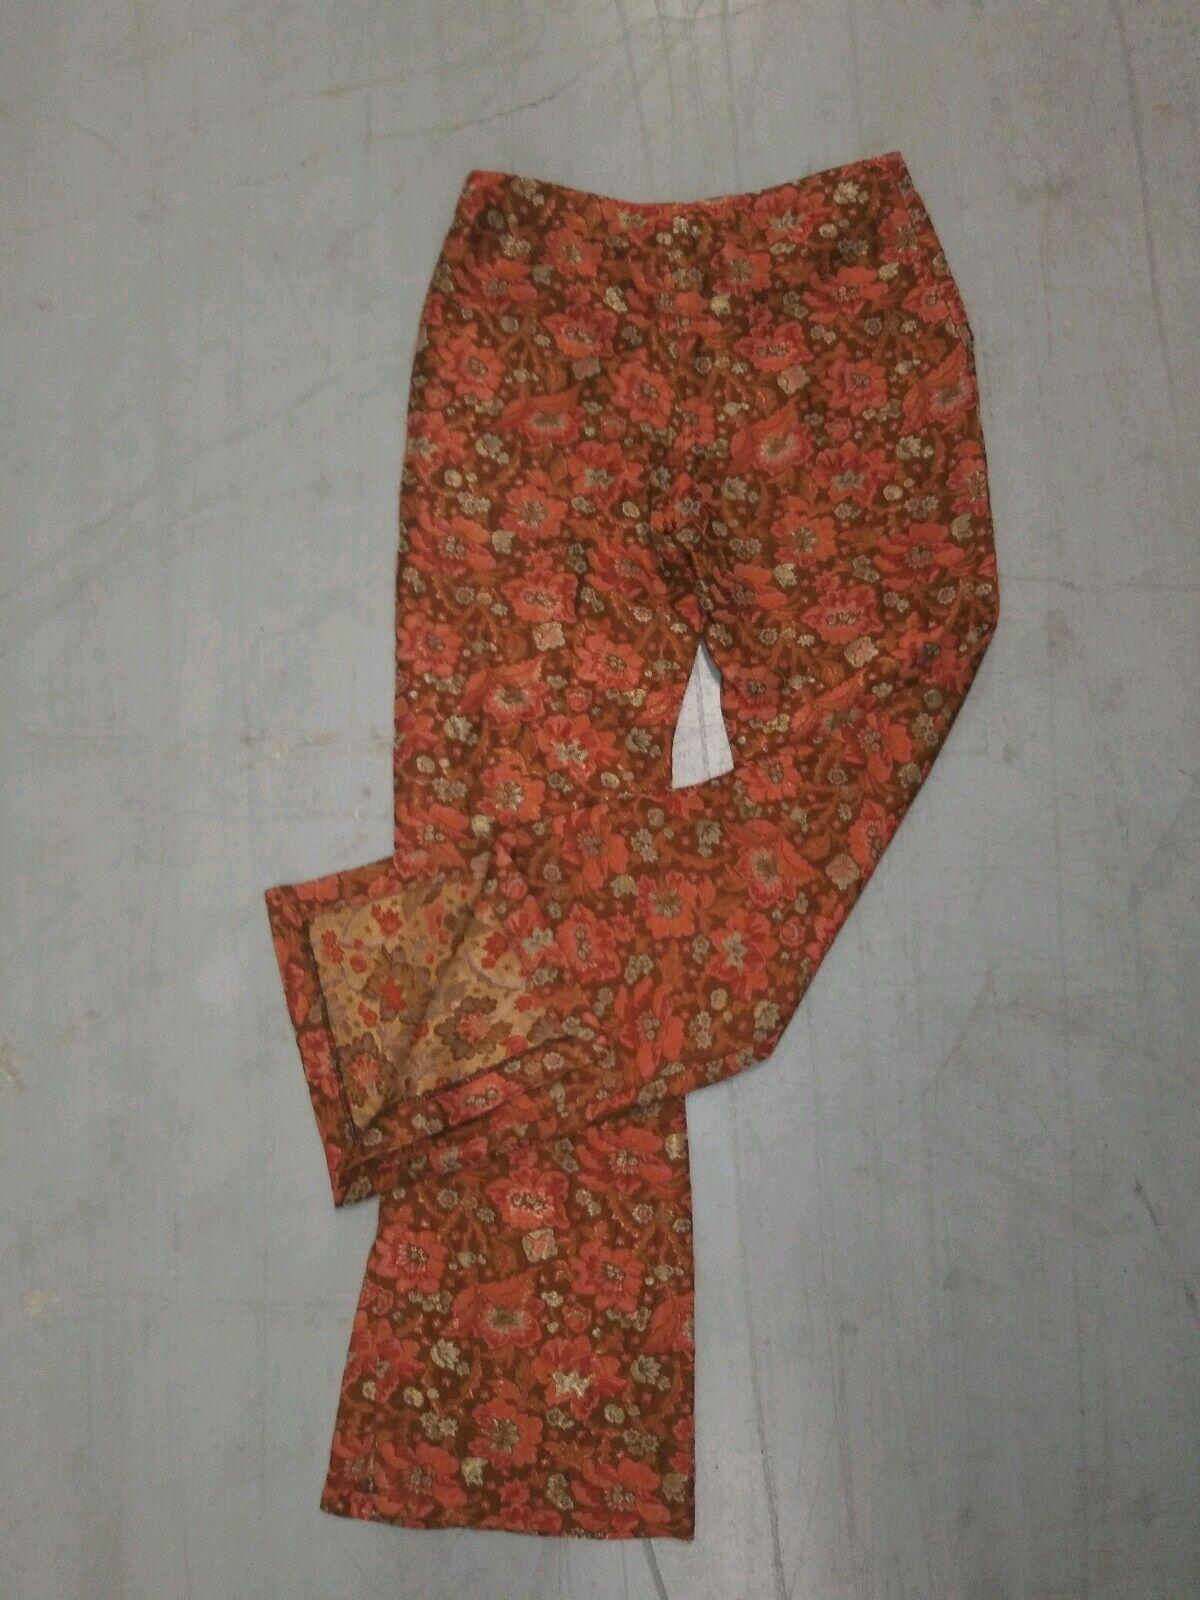 Oilily Femme Pantalon Style Rétro Floral Métallique Imprimé Taille 38